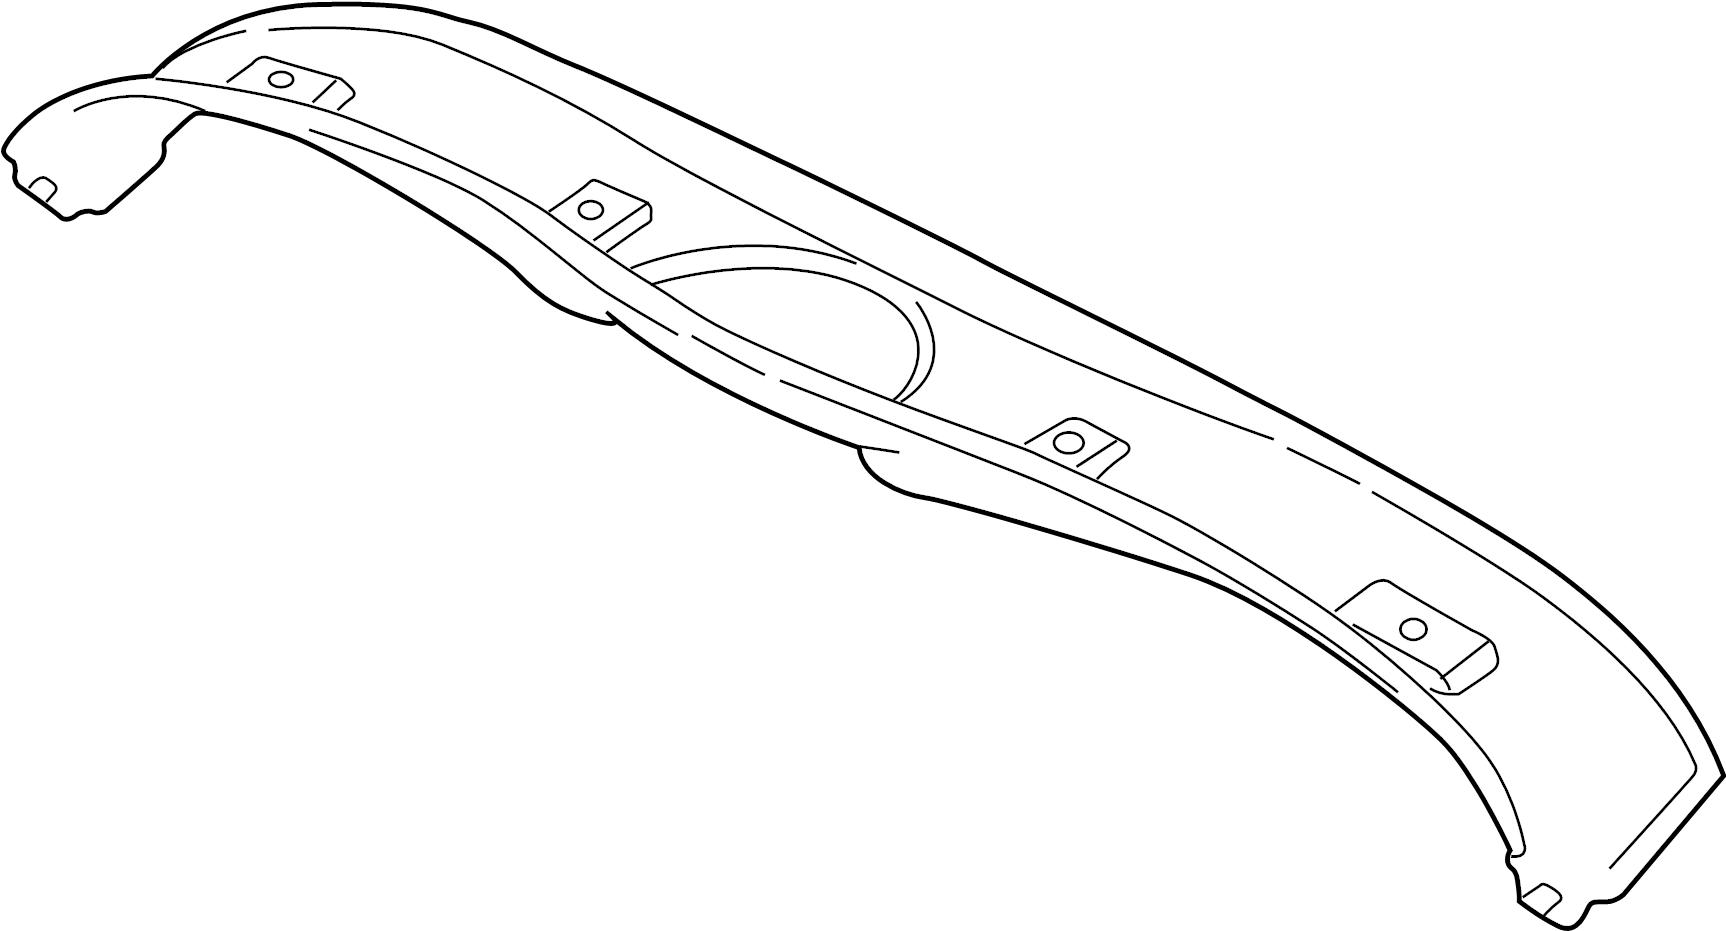 jaguar xk8 finisher  header trim  convertible  inner  gray